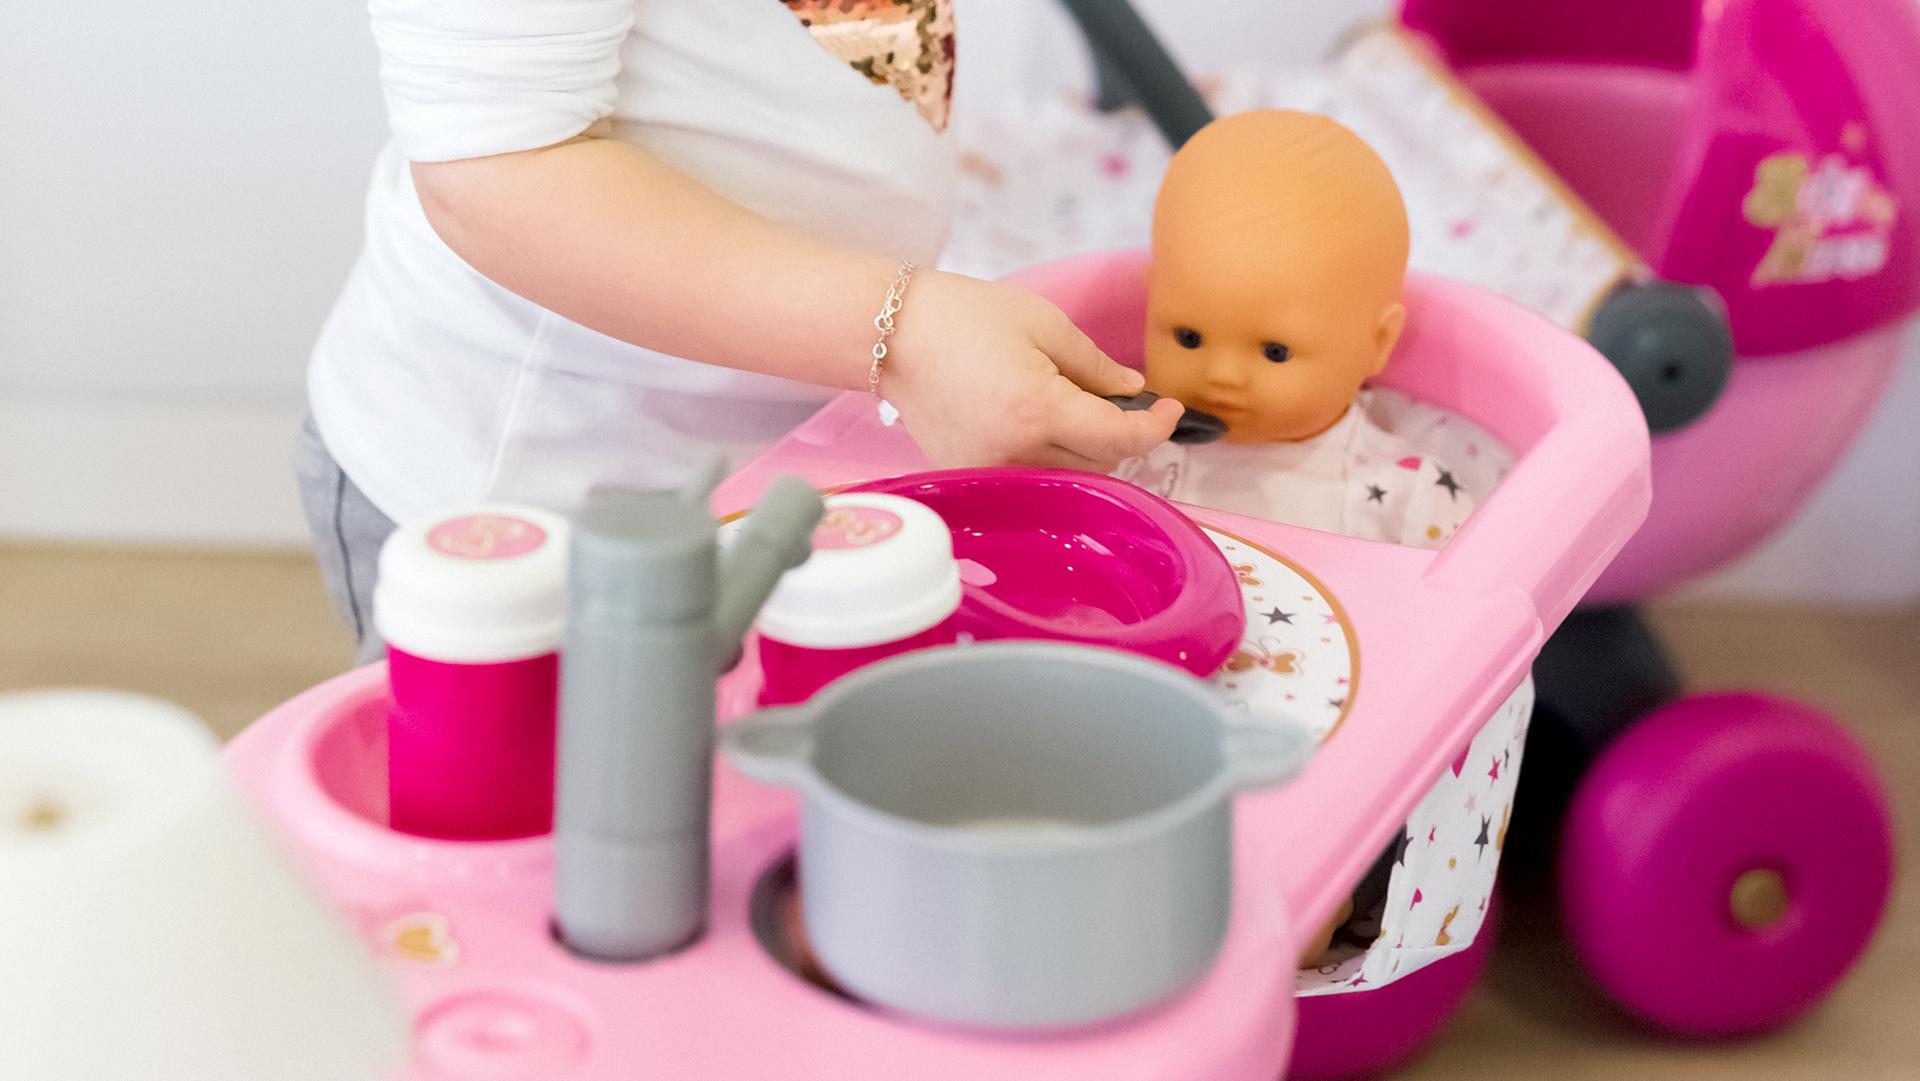 270b7269e Domčeky pre bábiku | Mackoviahracky.sk